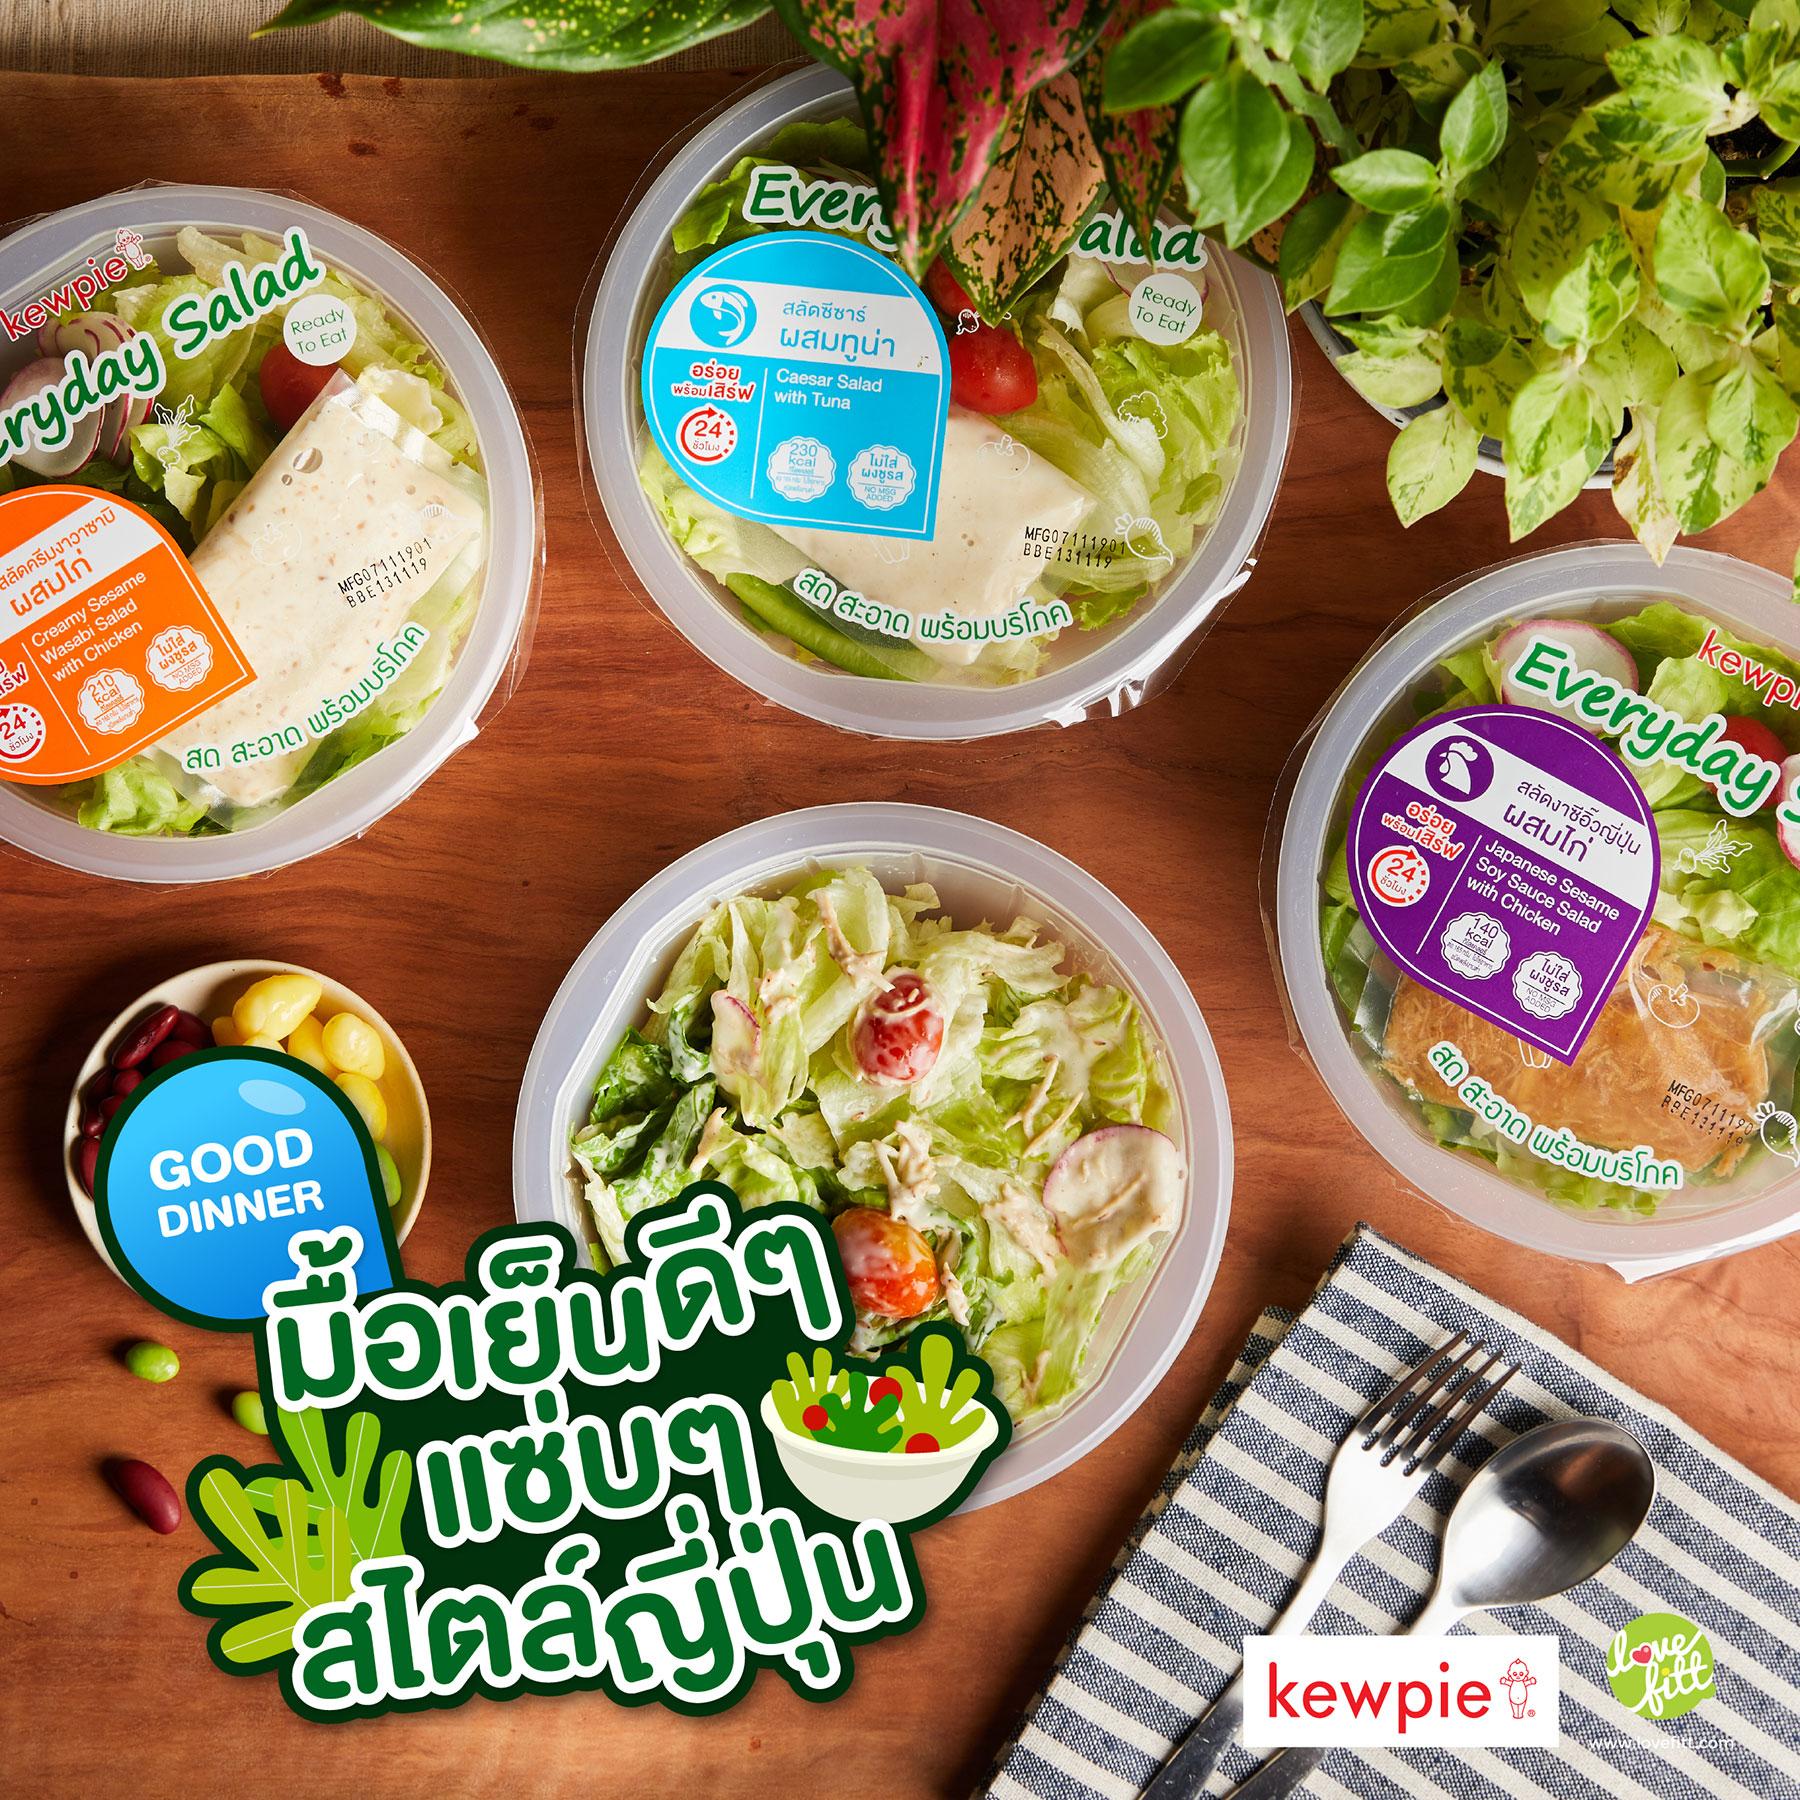 คิวพี Everyday Salad สลัดผักถ้วยใหญ่